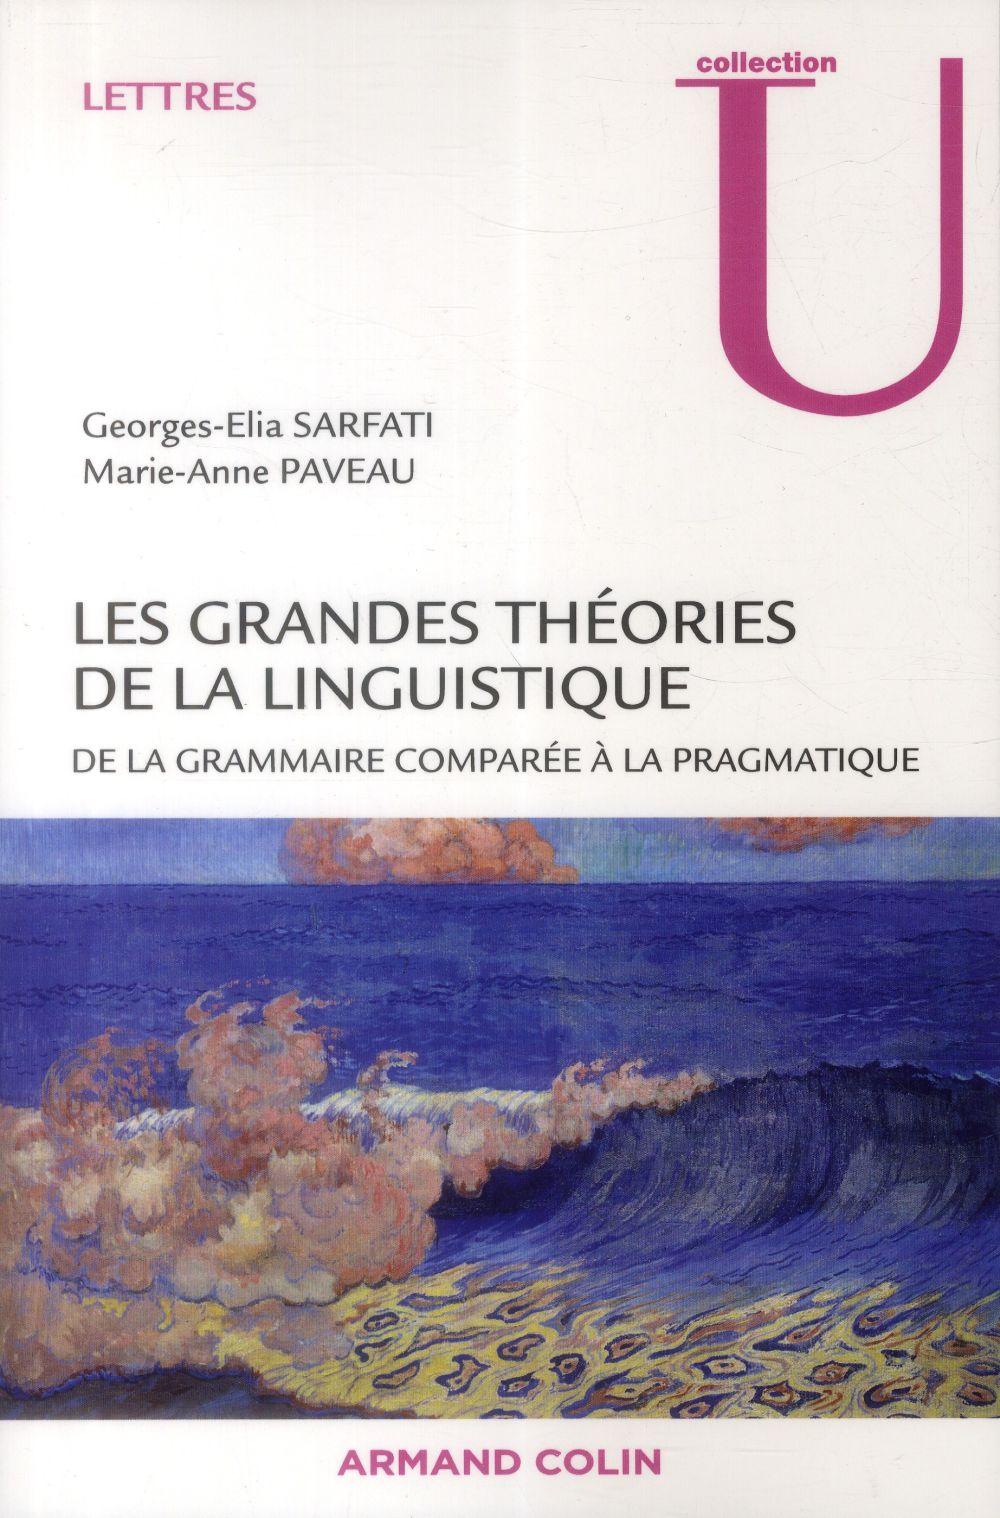 Les grandes théories de la linguistique ; de la grammaire comparée à la pragmatique